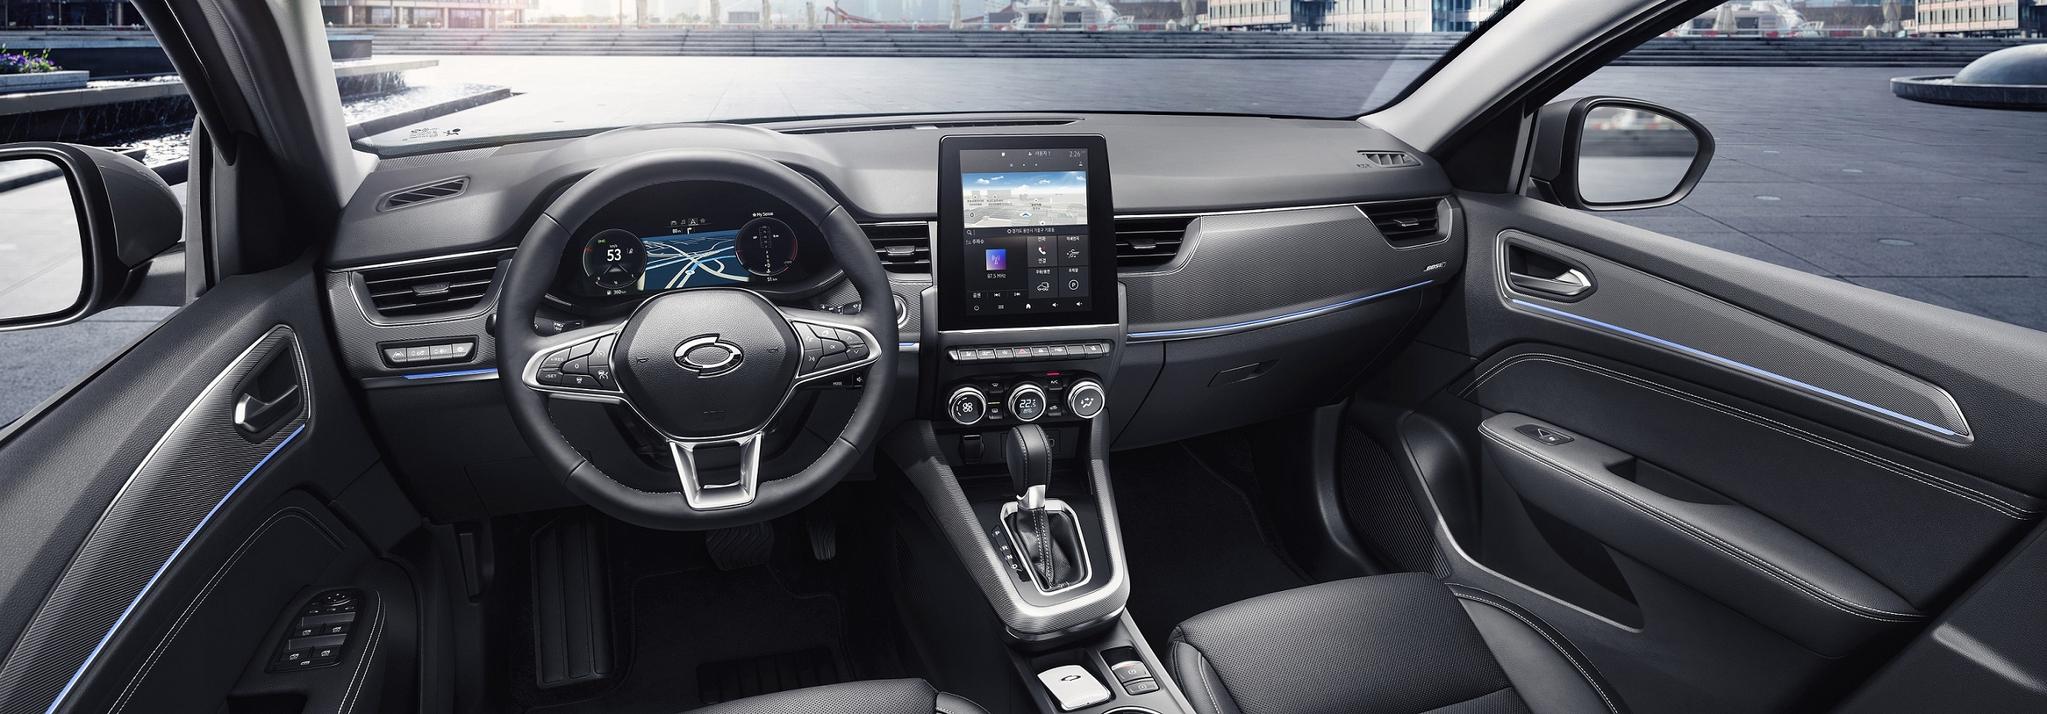 르노삼성자동차가 4년만에 내놓은 국내생산 신차 XM3가 출시 초기 인기를 모으고 있다. 가격대비 뛰어난 성능과 디자인이 주효했다는 평가다. 사진 르노삼성자동차